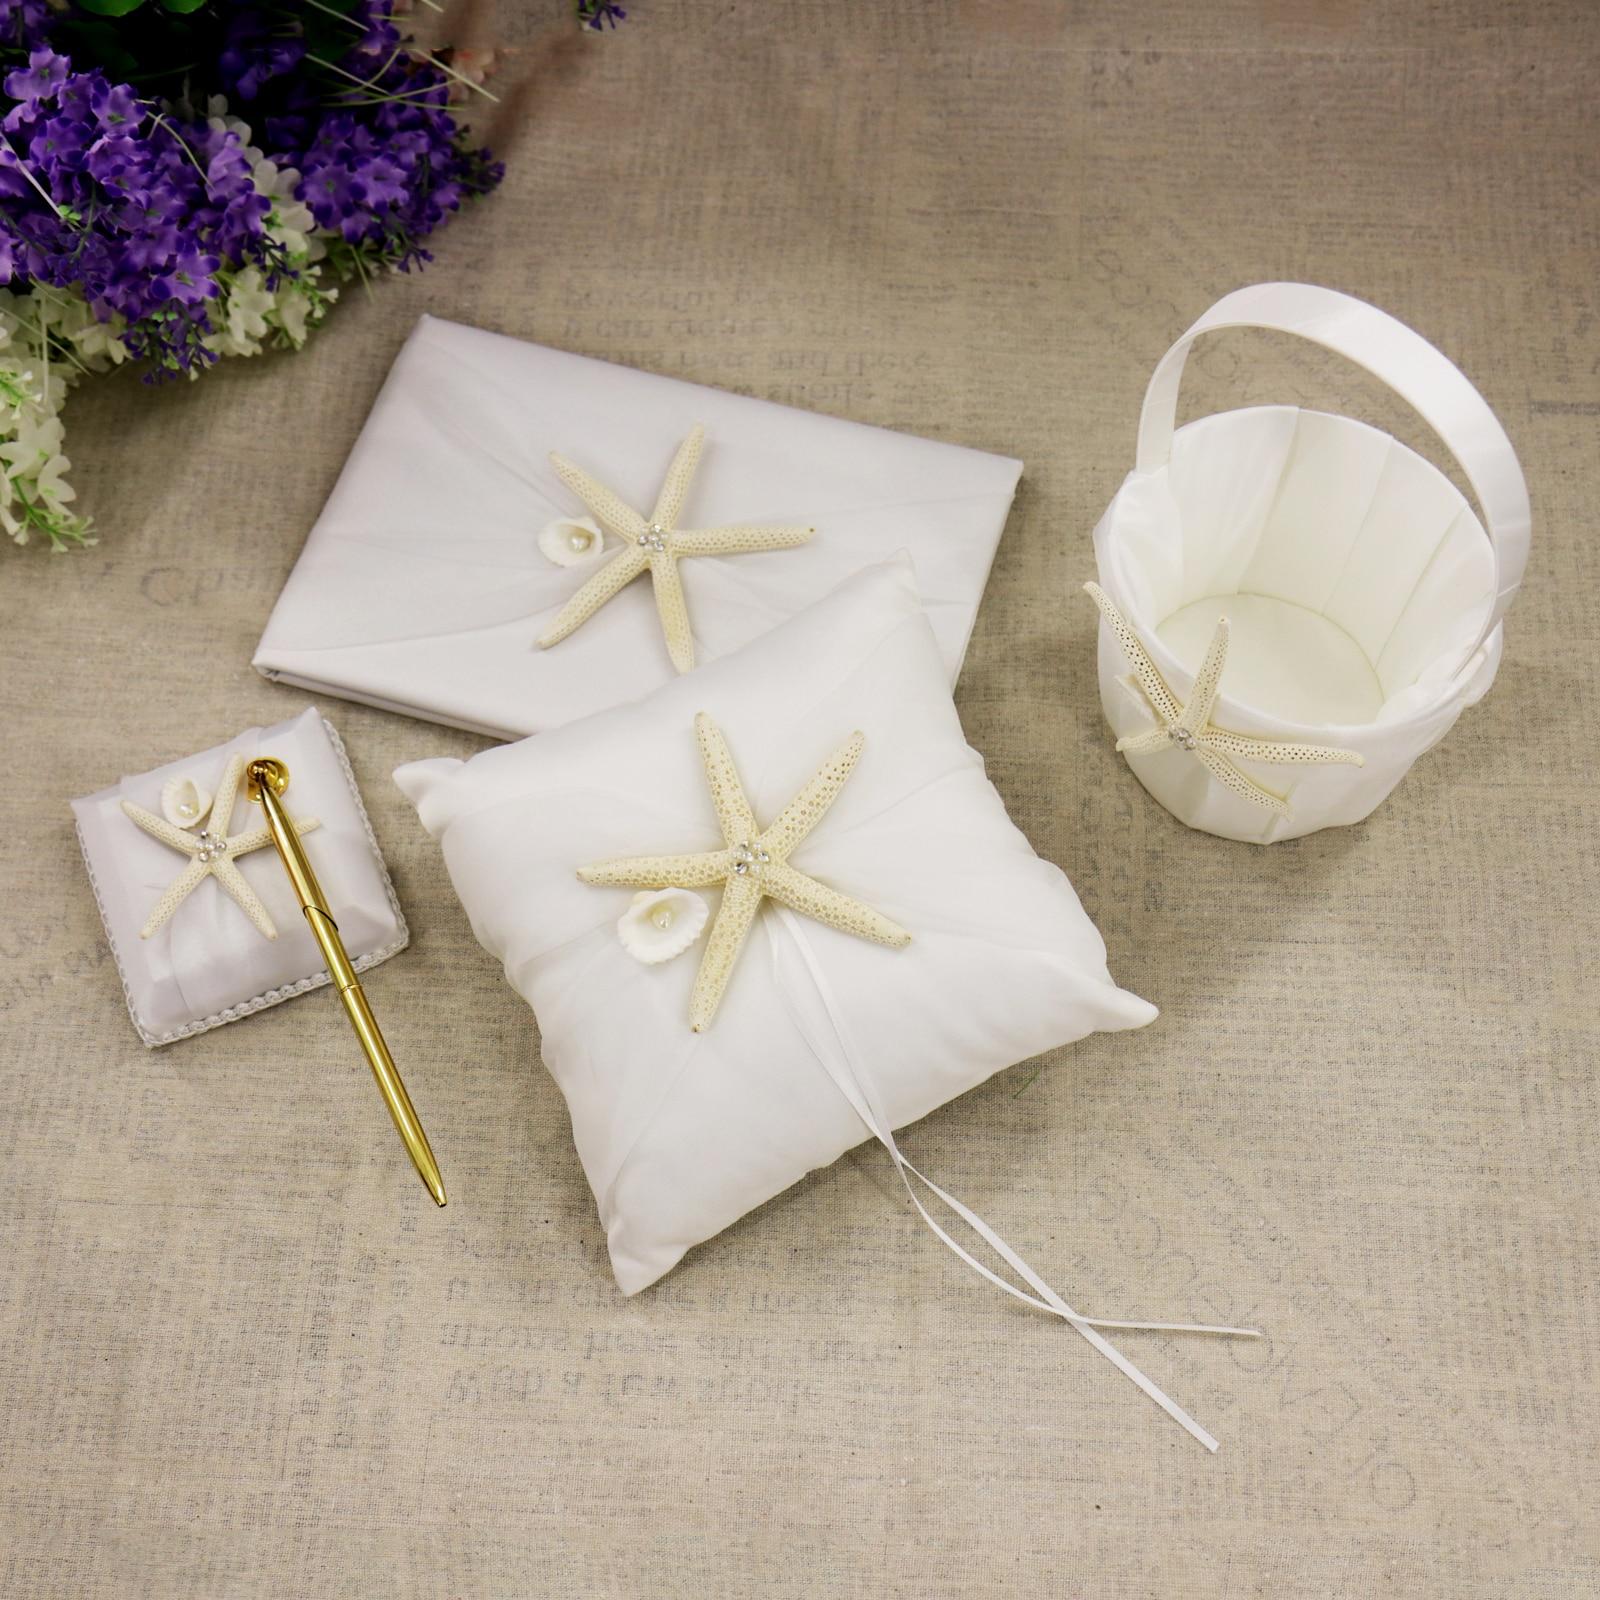 Nuptiale douche étoile de mer fleur panier blanc tache poire anneau oreiller de mariage fête décoration invité livre ensemble accessoires de mariée - 2